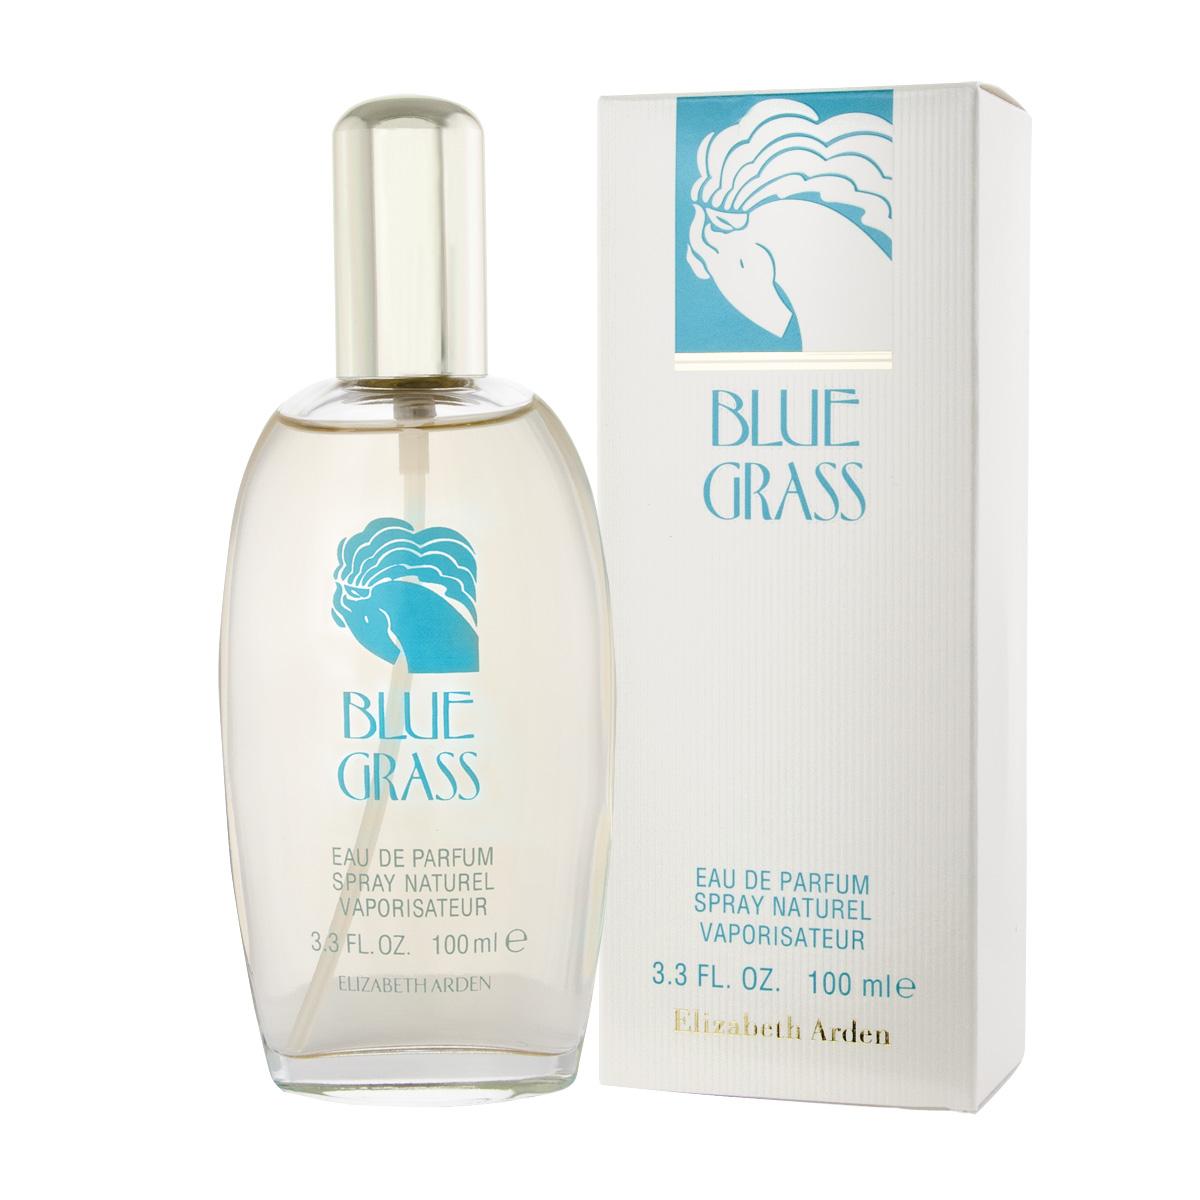 Elizabeth Arden Blue Grass Eau De Parfum 100 ml (woman) 25205